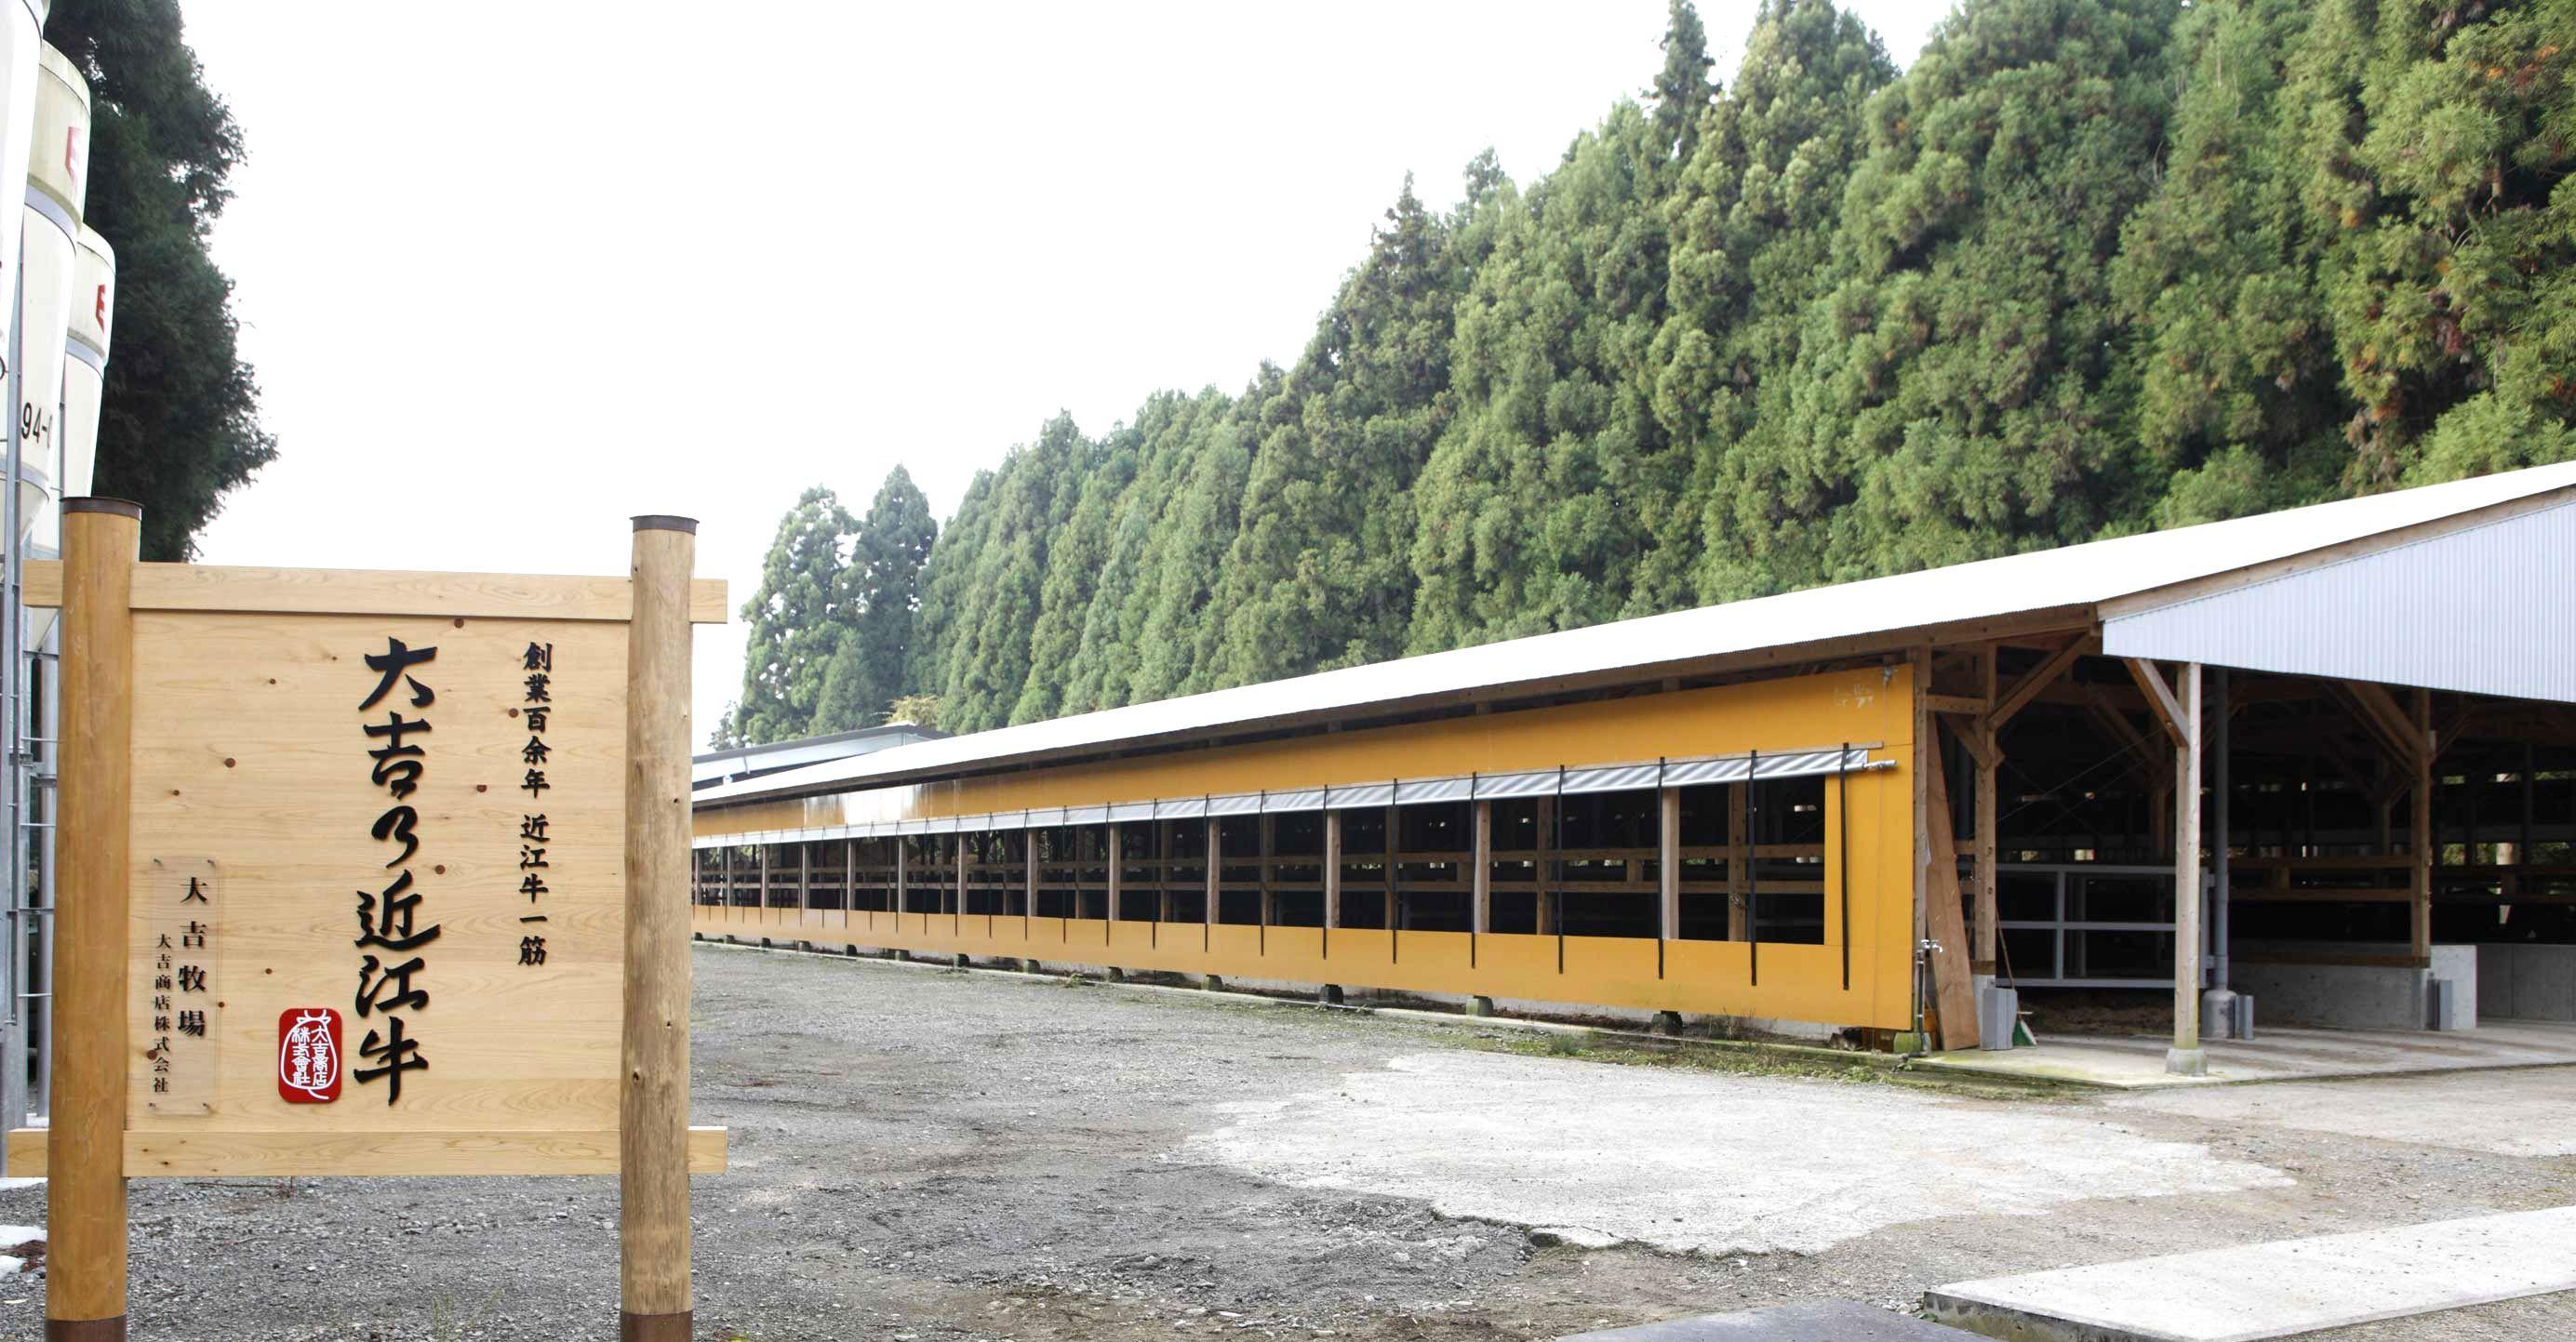 大吉商店株式会社(農家レストラン 大吉Grill牧場)